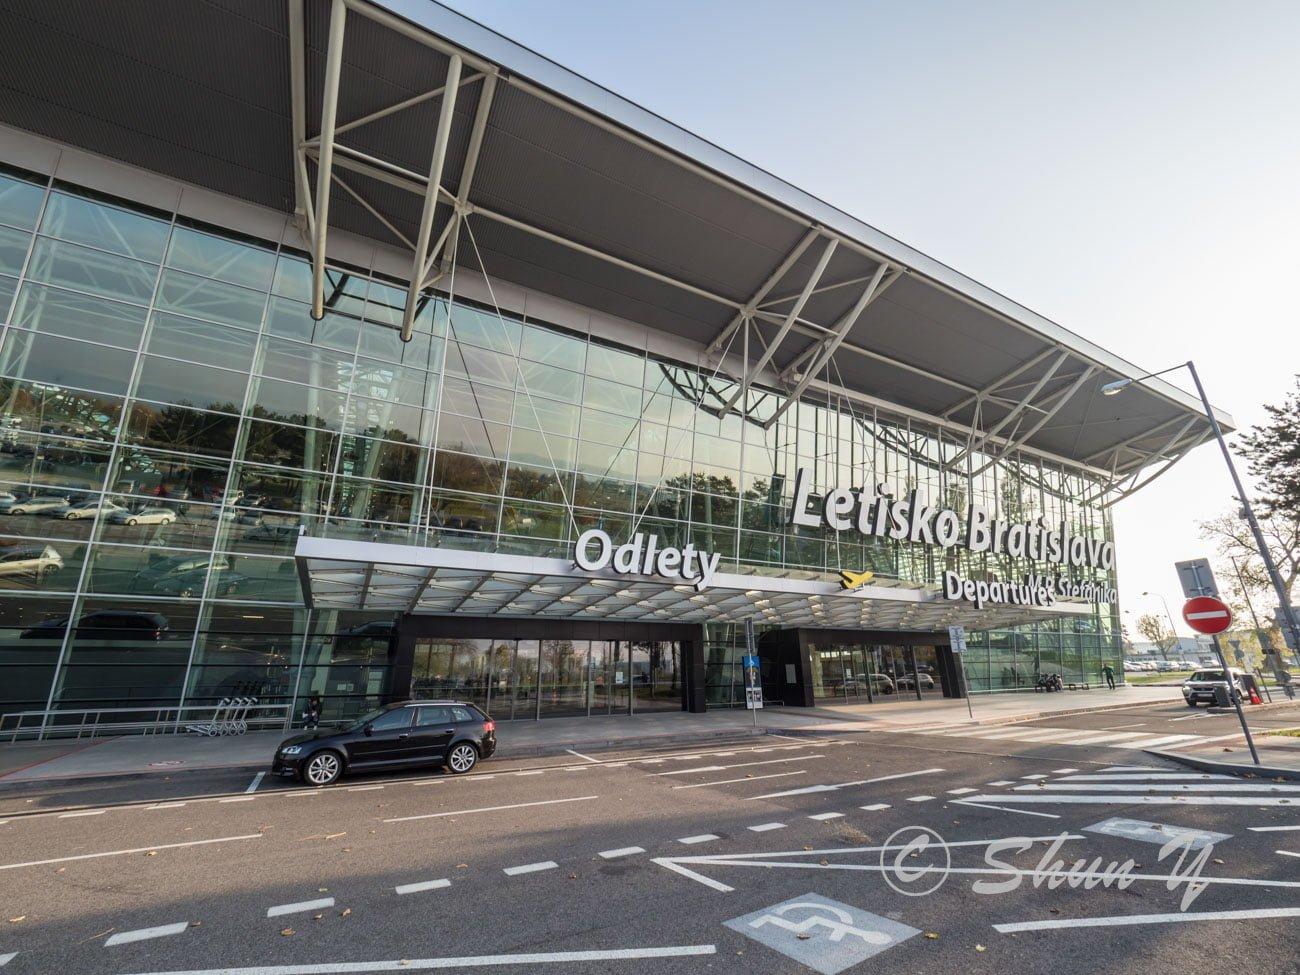 ブラチスラバ空港